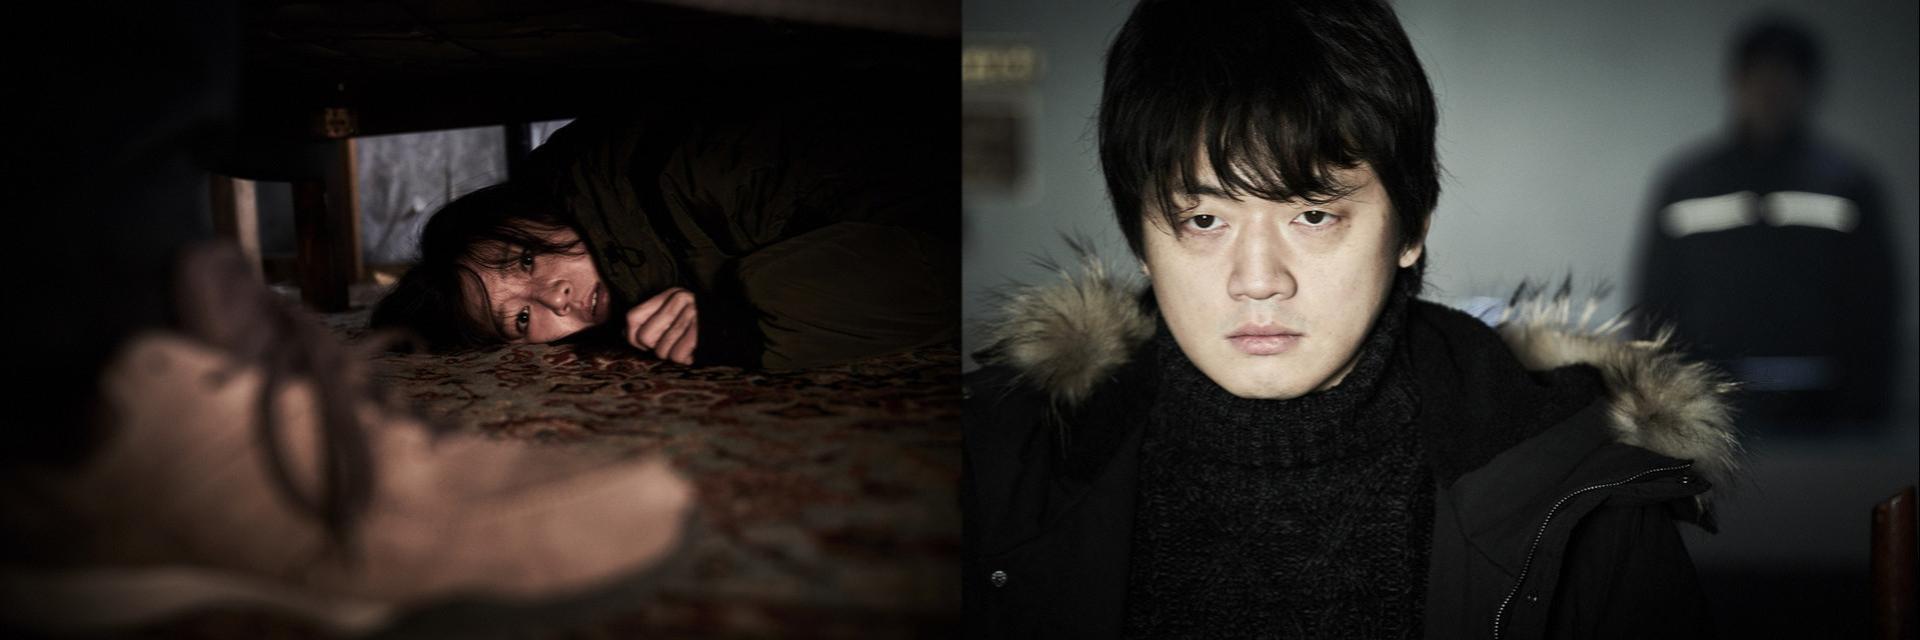 南韓新片票房冠軍,讓你頭皮發麻的極致恐懼!「你以為回到家就夠安全嗎?」